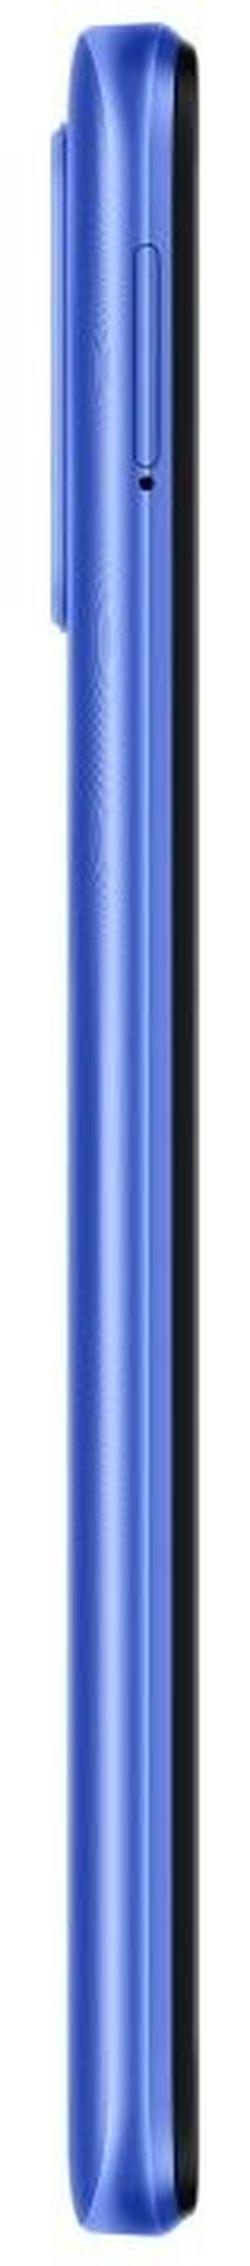 Мобильный телефон Xiaomi Redmi 9T 4Gb/64Gb Blue